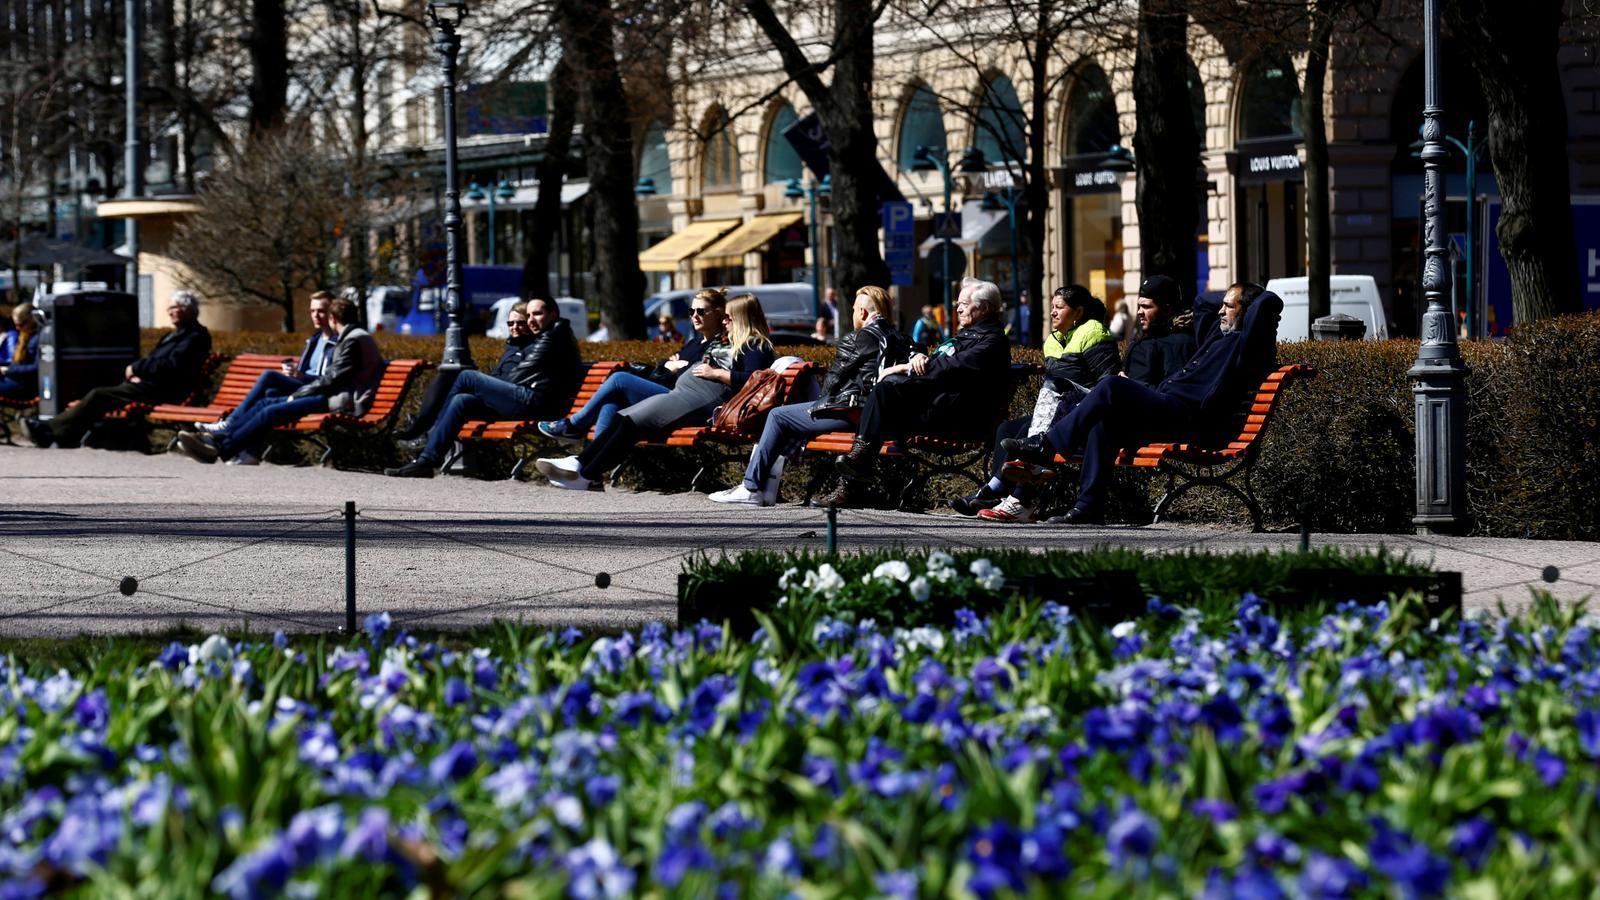 Residents de Helsinki aprofiten la bona temperatura primaveral per prendre el sol.